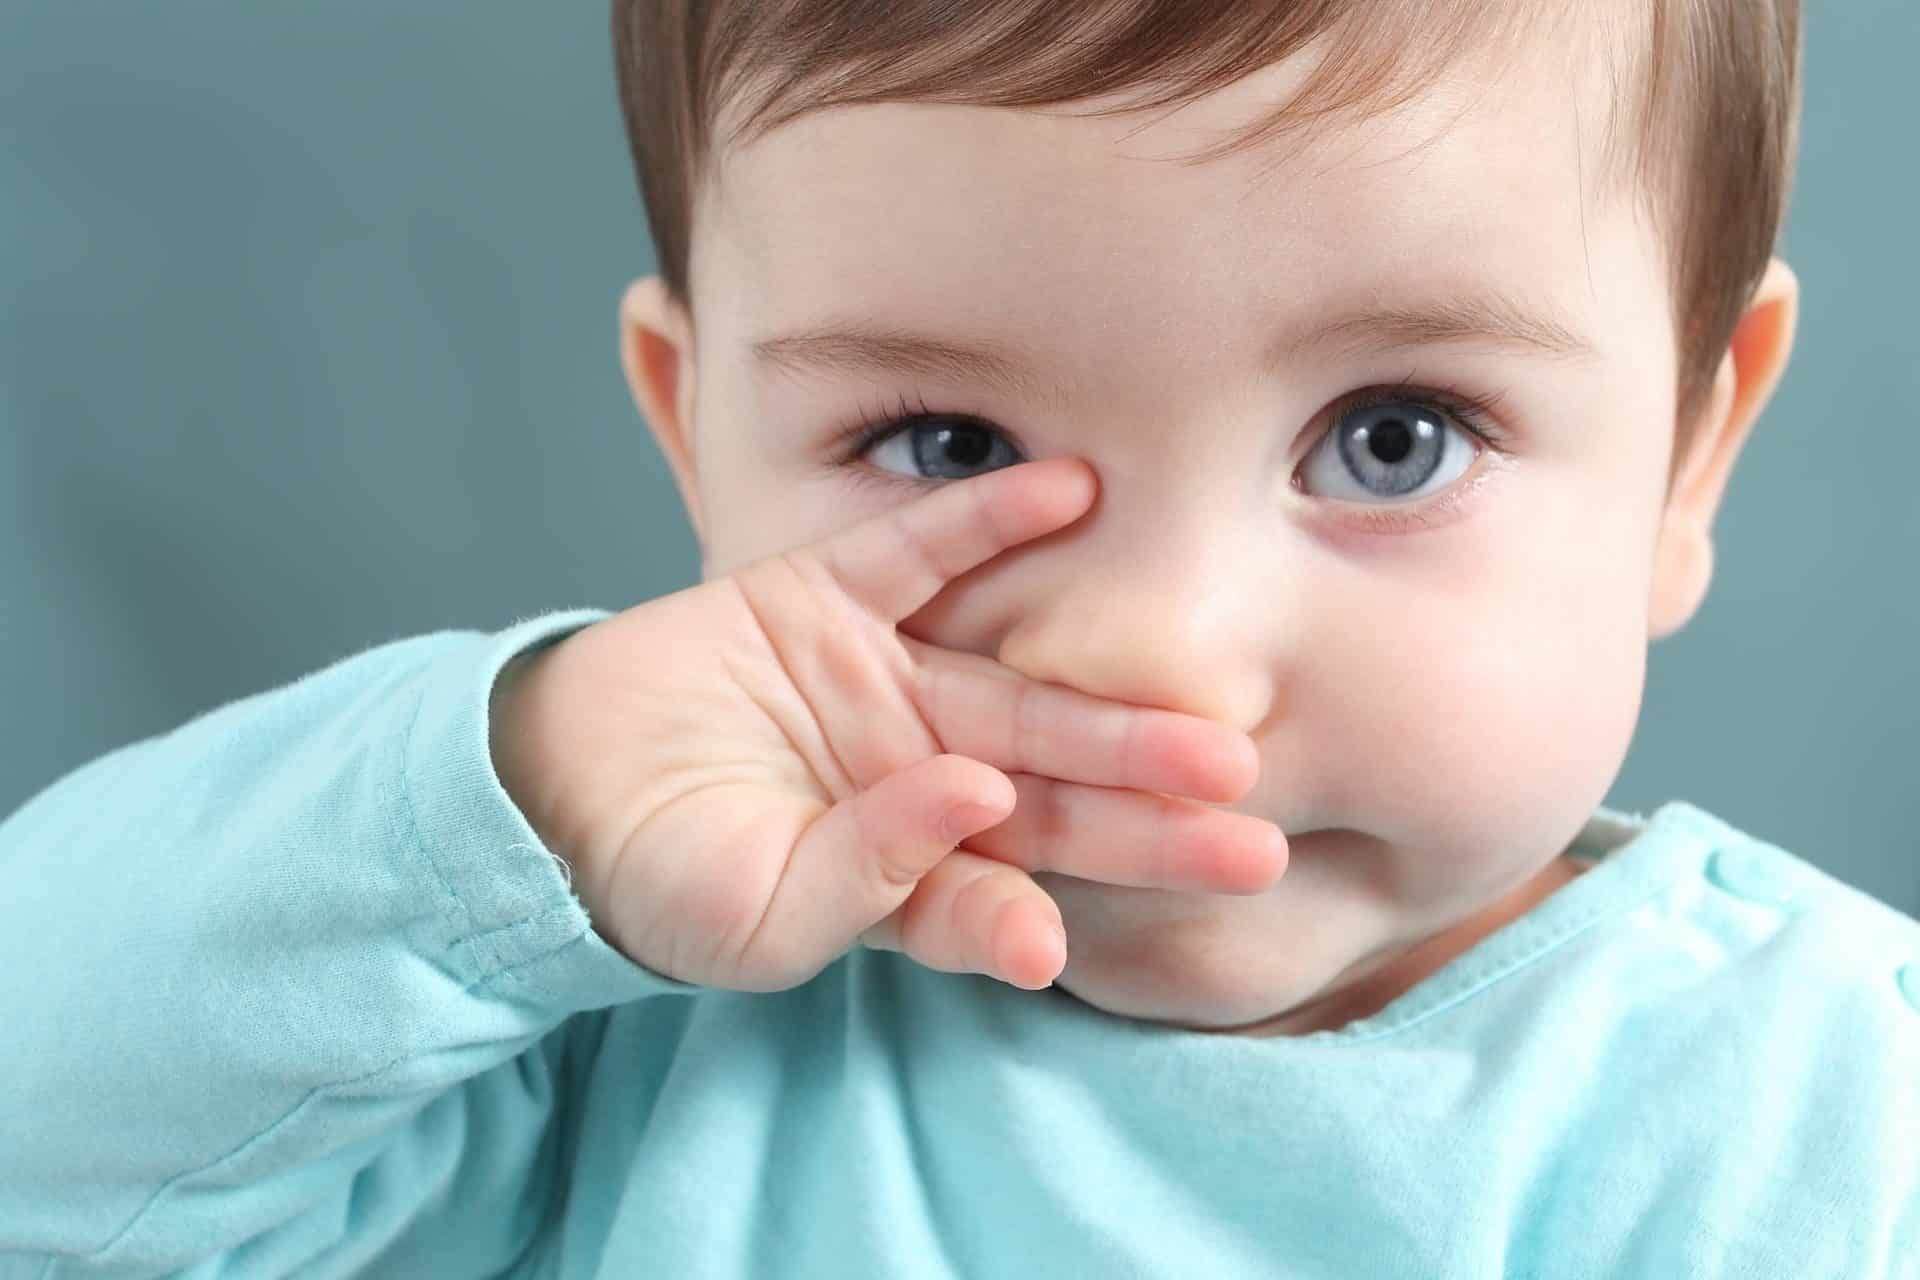 Причины и симптомы заложенности носа у ребенка